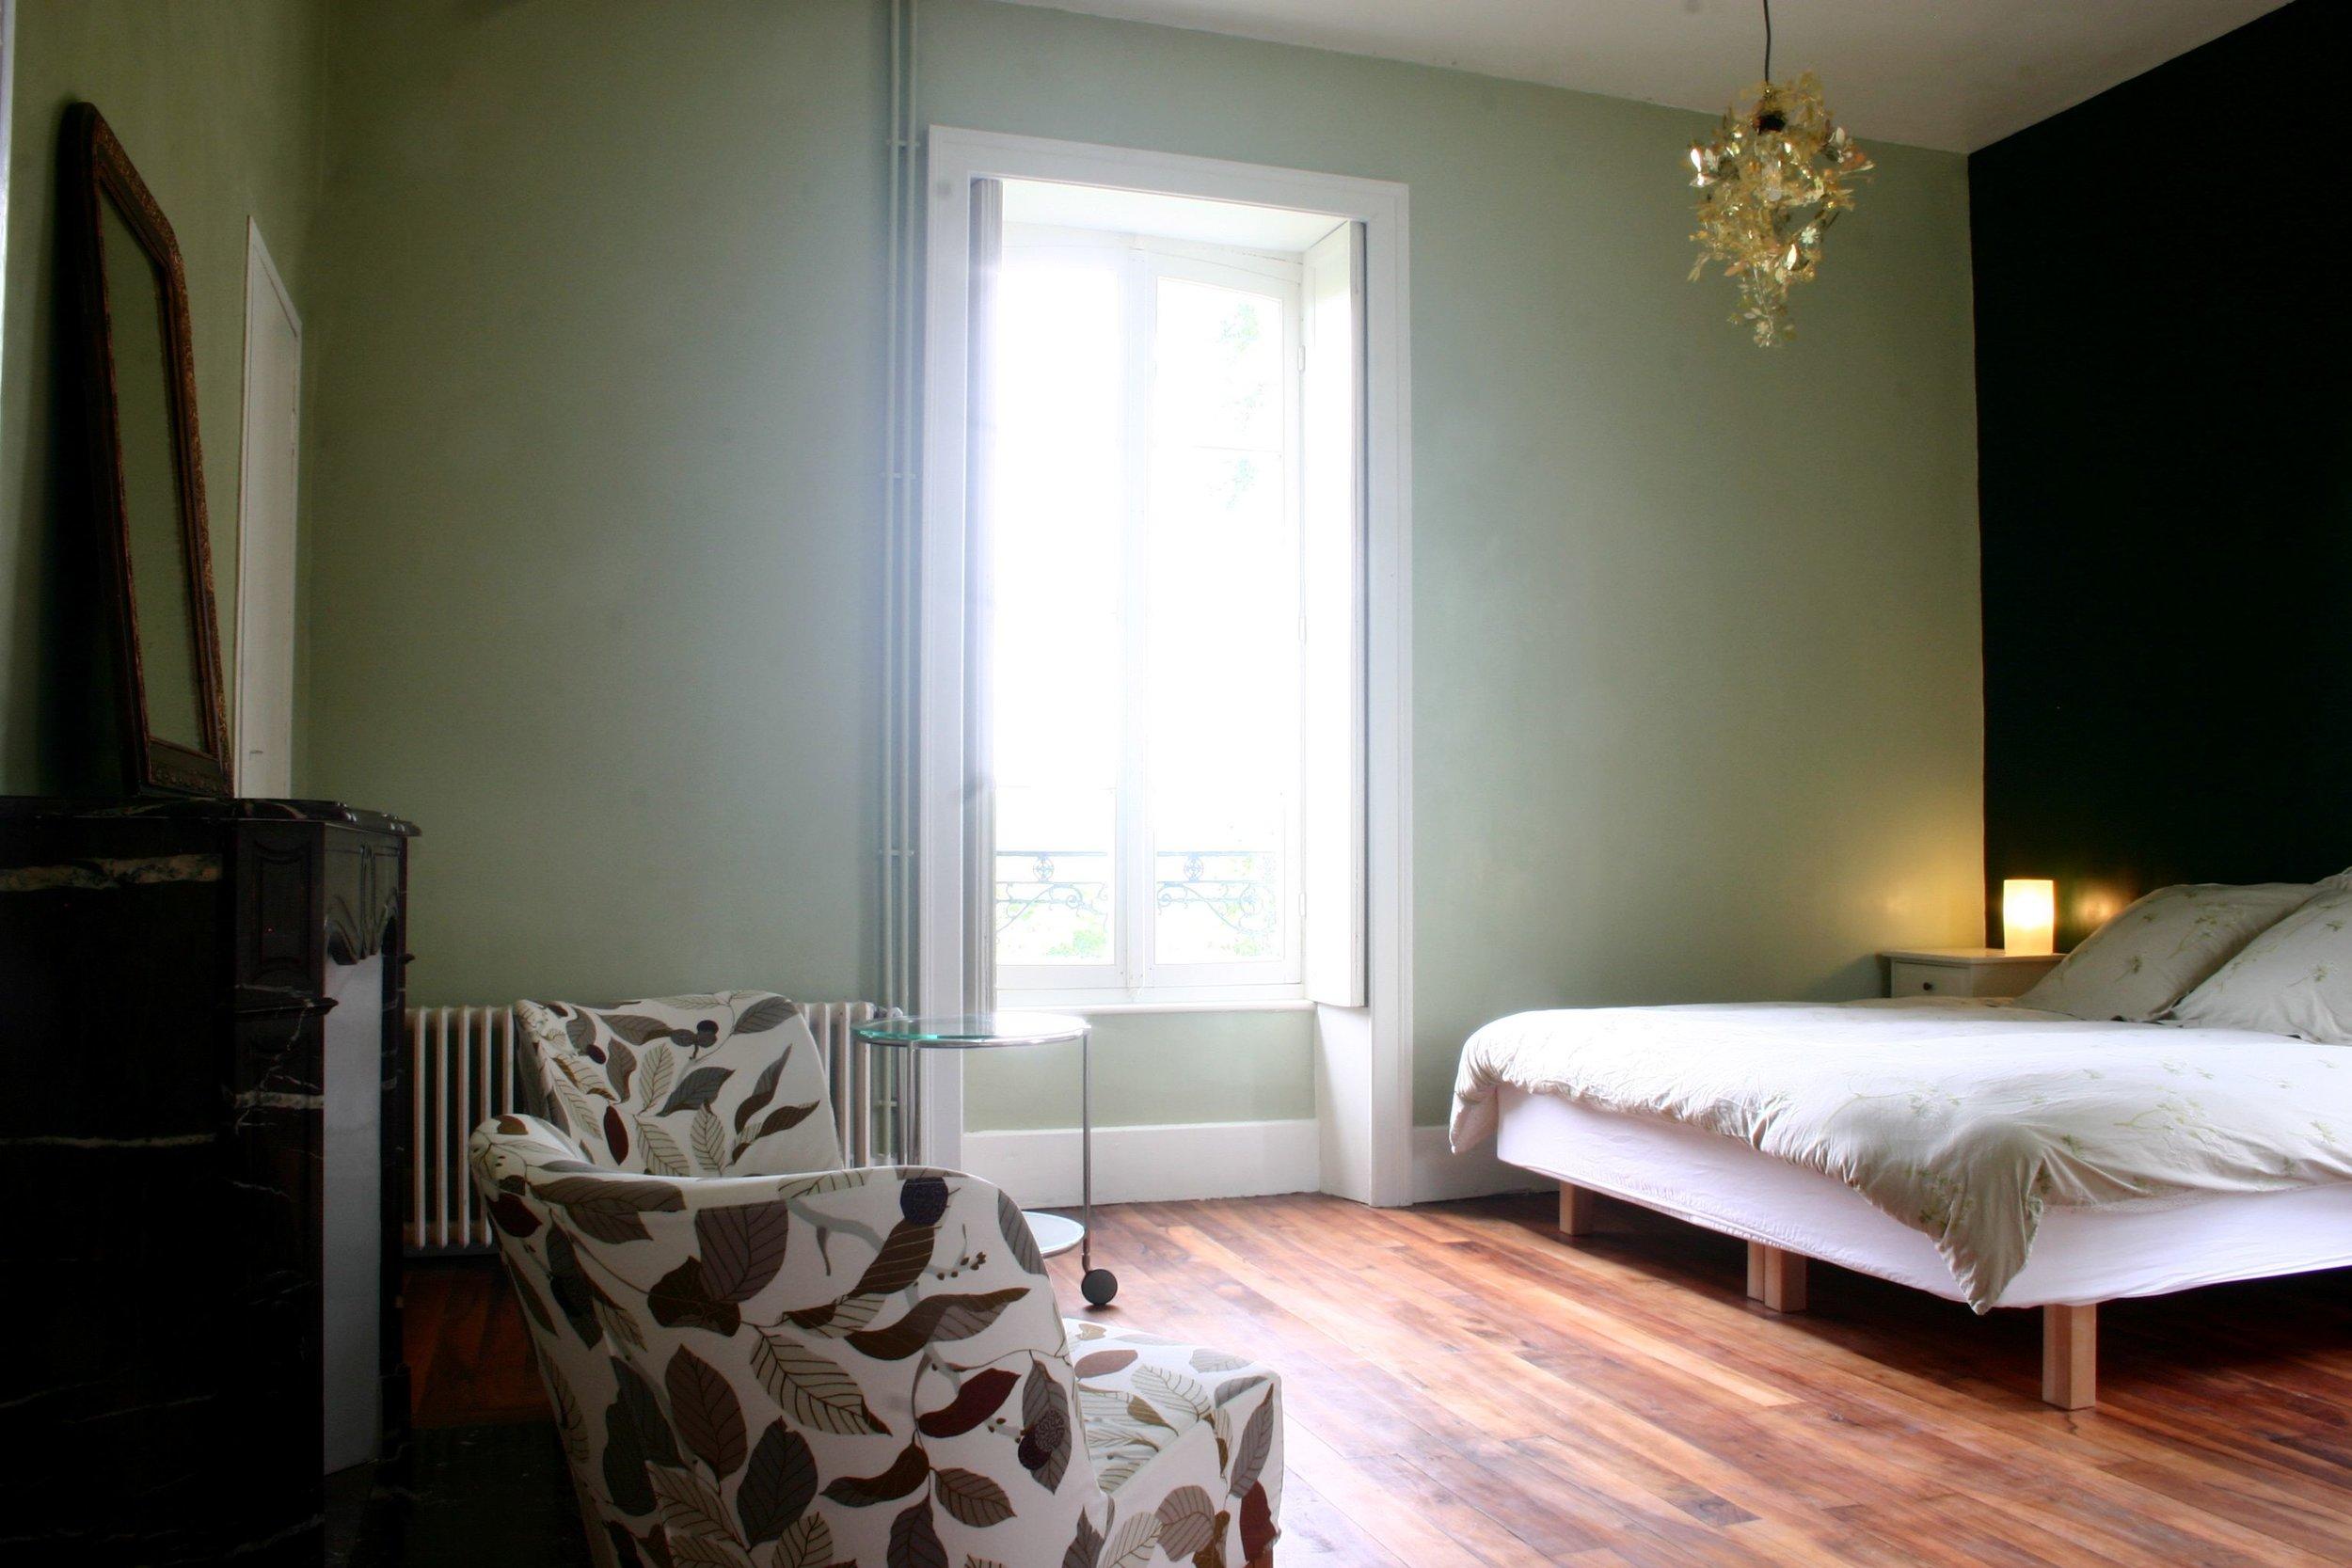 L'Aile Familiale, the Family Wing,de Familie-Vleugel - 4 - 8 personnes - à partir du €178petit-déjeuner compris, breakfast included, ontbijt inbegrepenFR 2 chambres spacieuses, 2 salles de bain & couloir, dans une aile au château, pour vous privé - parfait en famille ou pour 2 couplesENG 2 large rooms, 2 bathrooms & a hall way, all in your own private wing in the château- perfect for a family or 2 couplesNL 2 ruime kamers, 2 goede badkamers en een hal voor extra ruimte en privacy, in uw privé vleugel in het château- ideaal voor een gezin, maar ook met 2 stellen